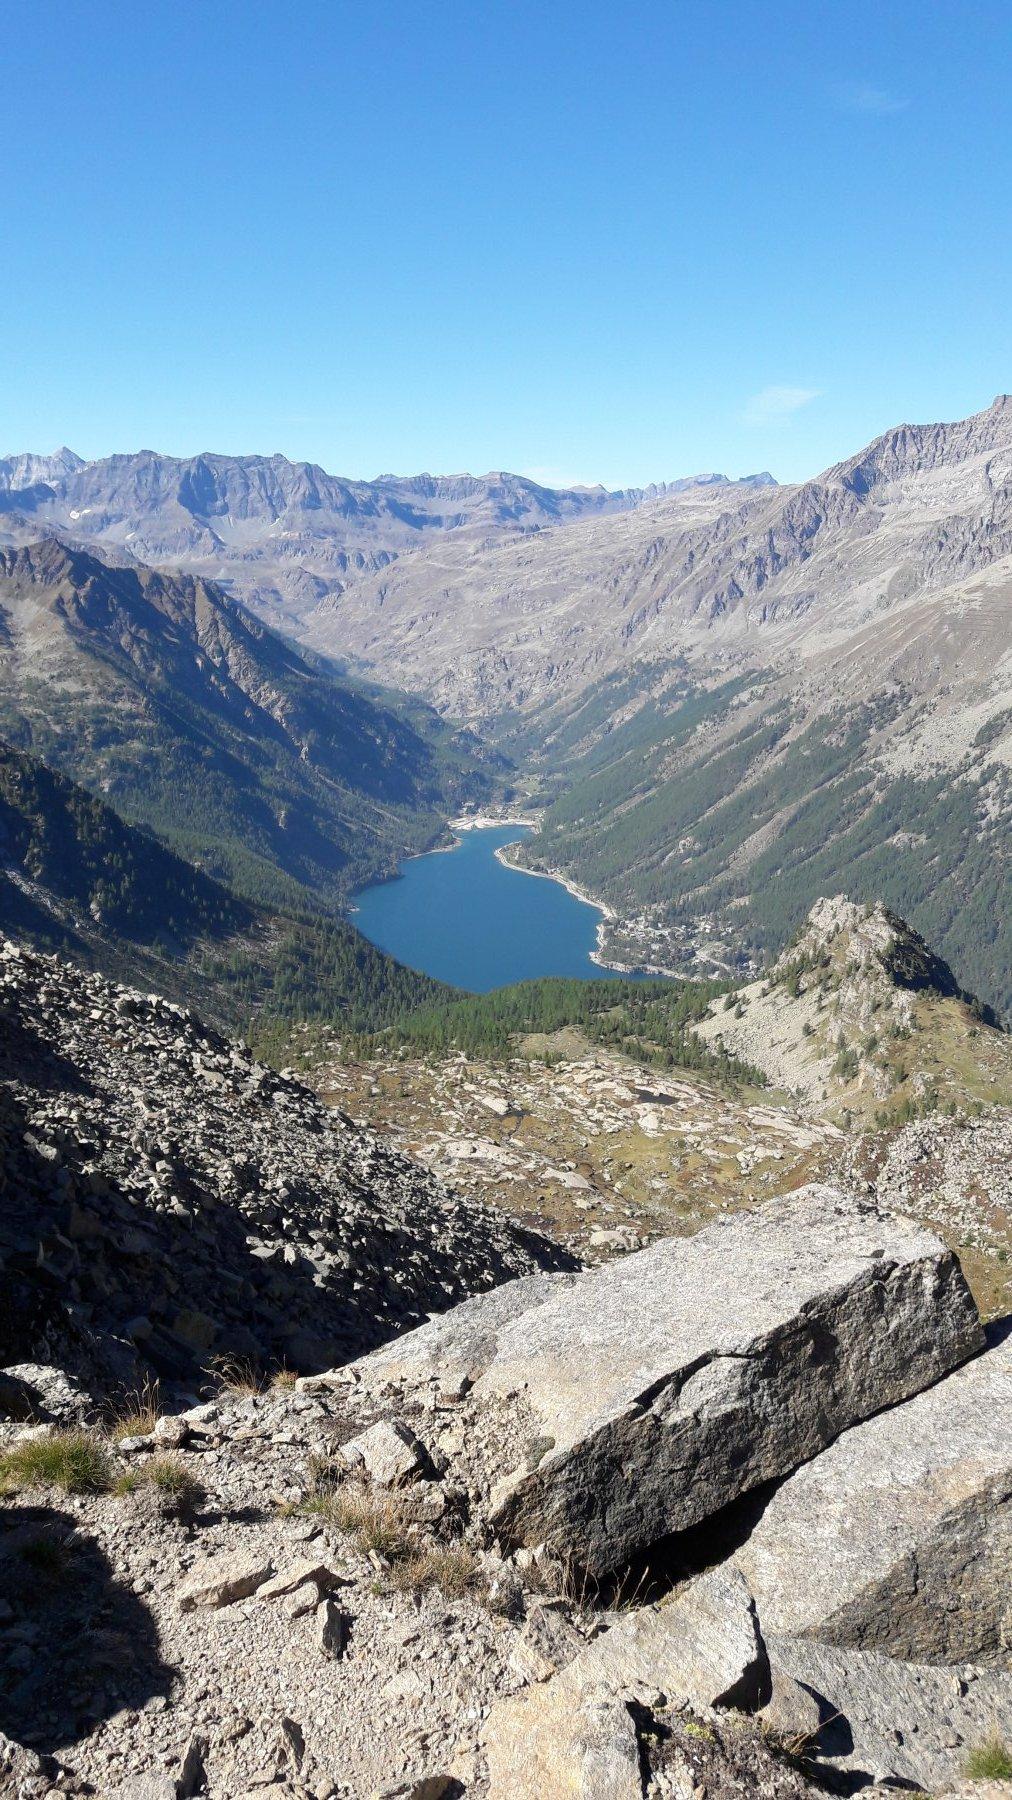 Lago di Ceresole e alta valle Orco dal colle della Crocetta